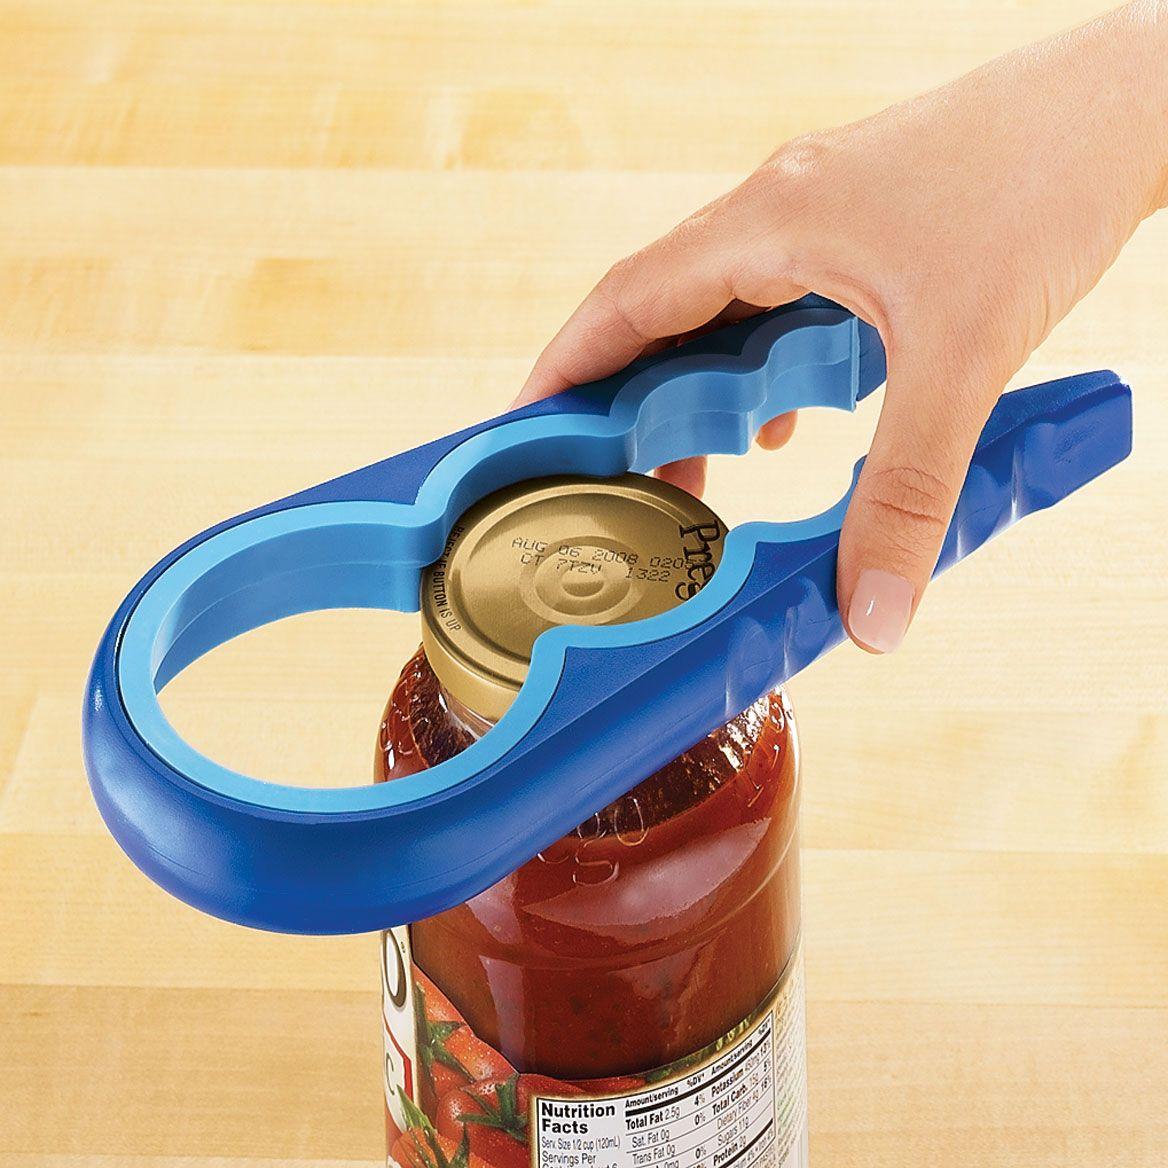 Easy Twist Jar Opener-317553